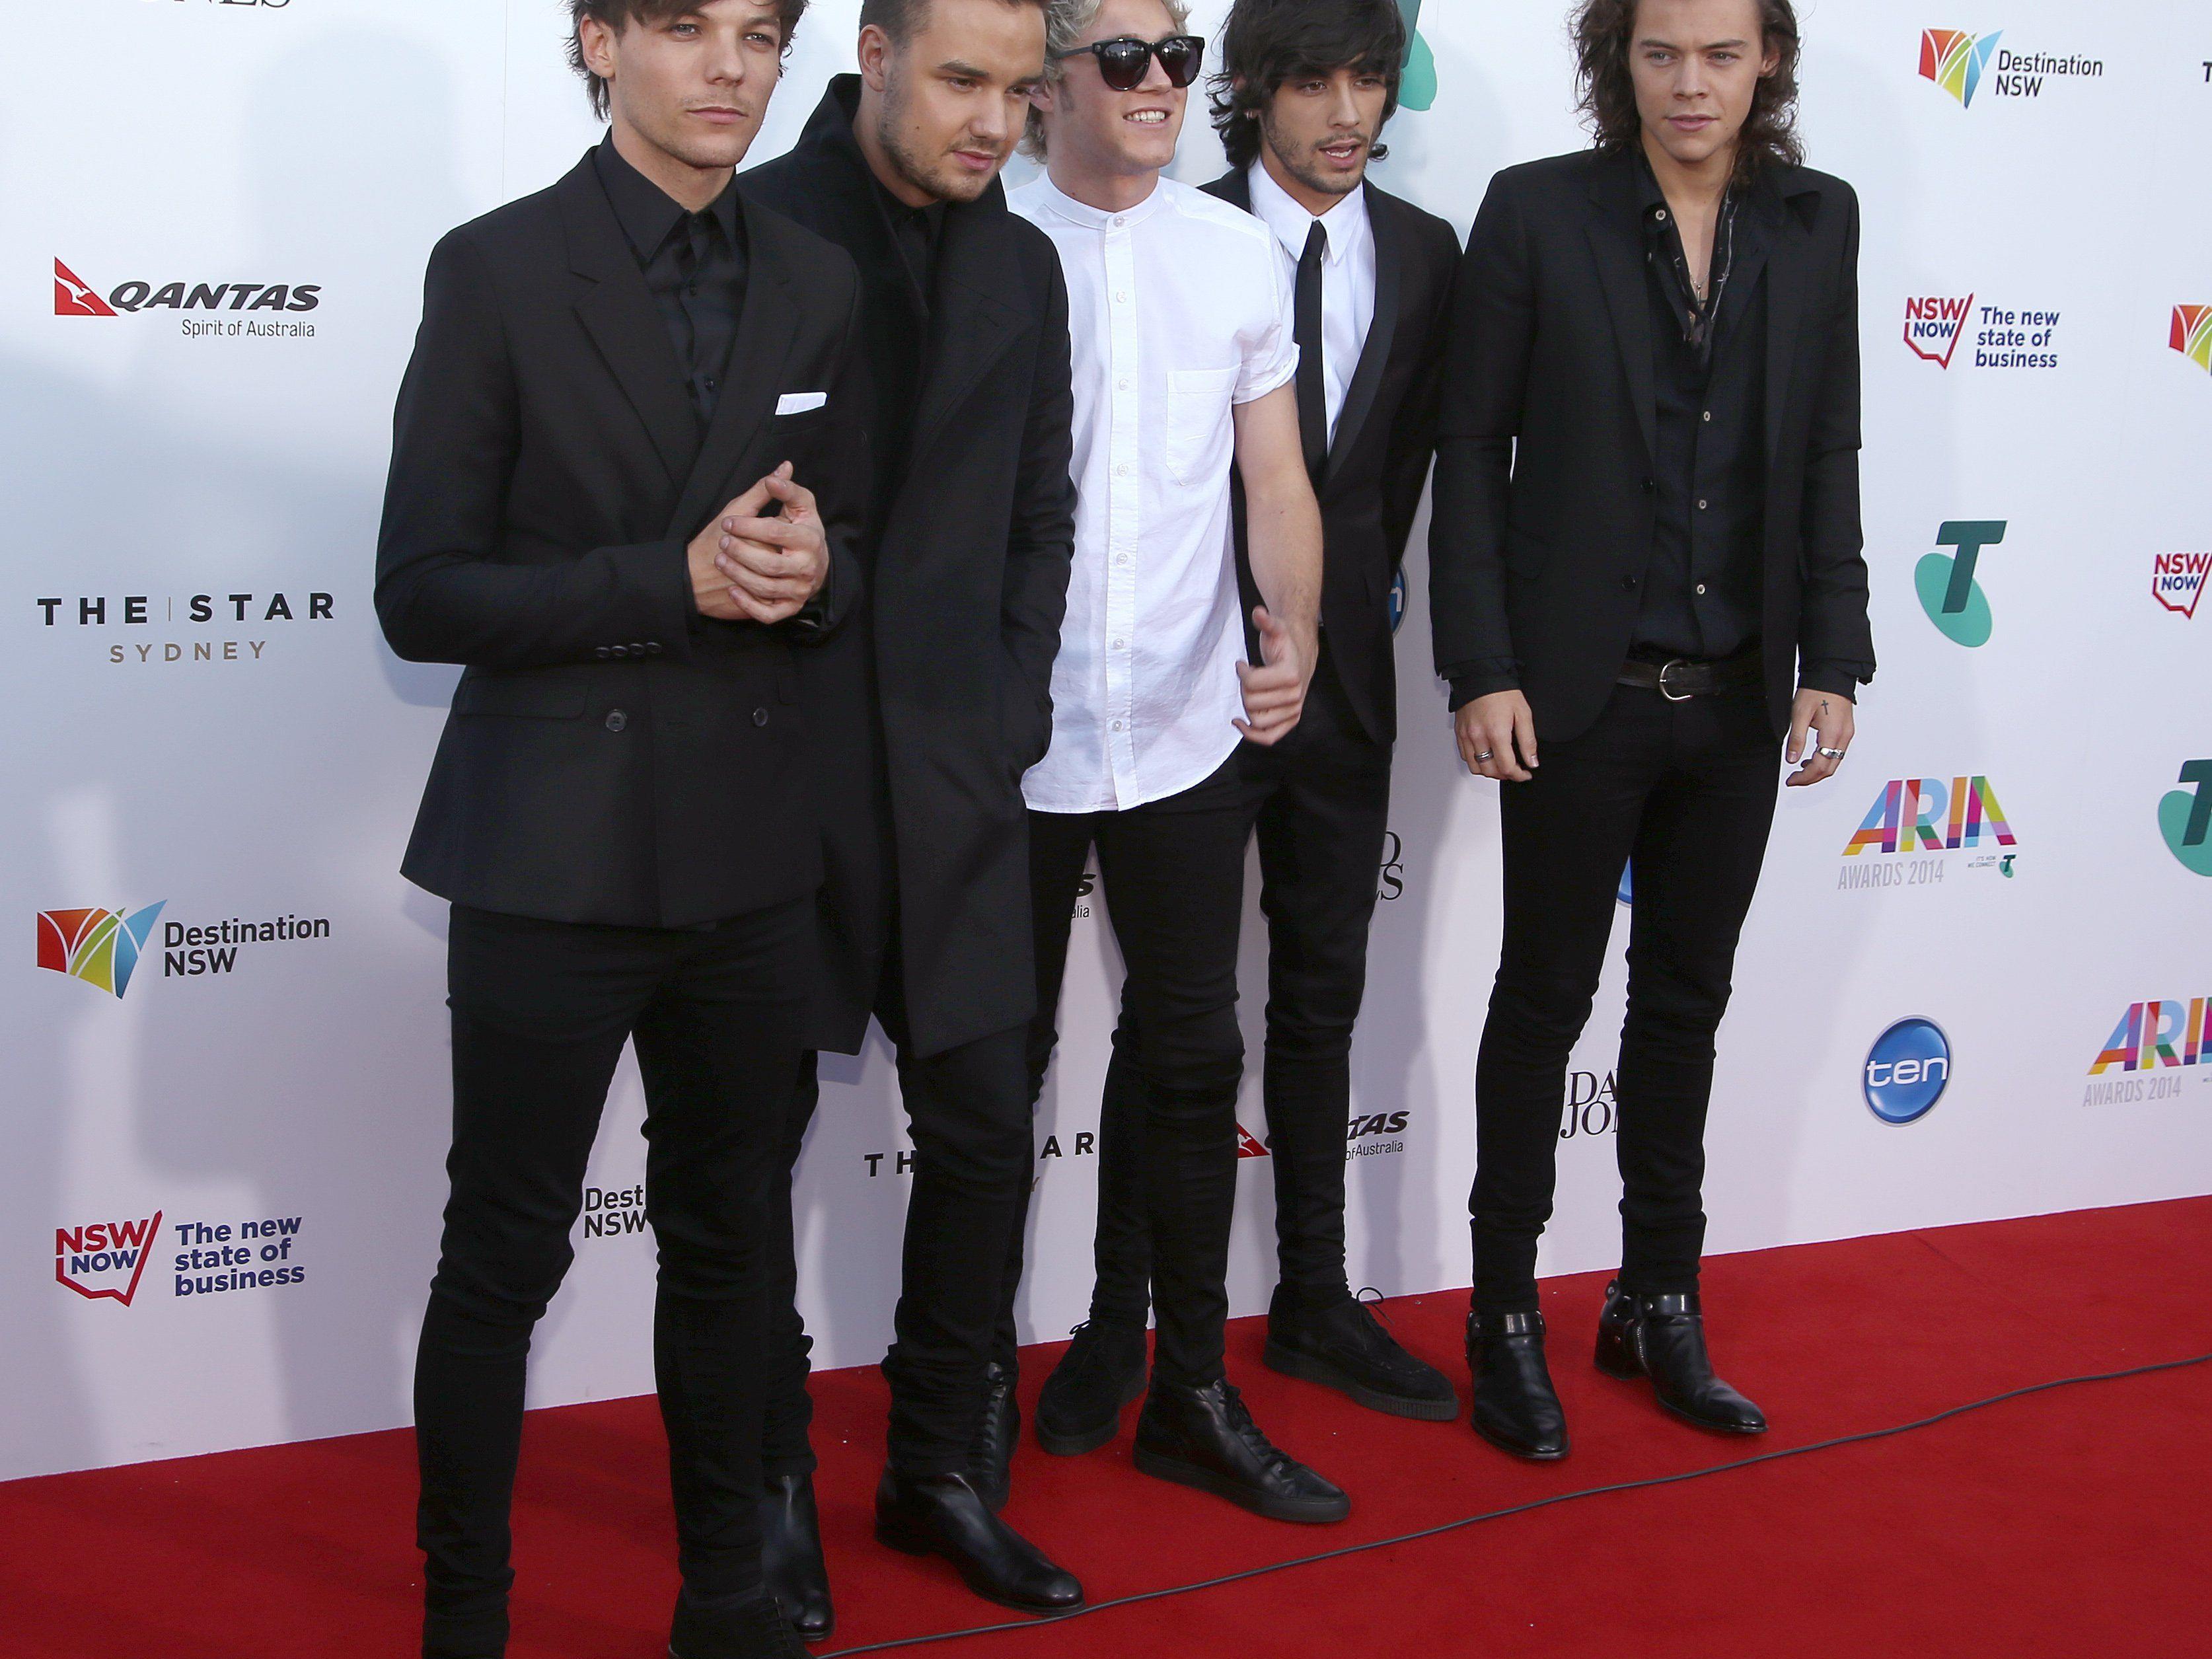 Malik hatte One Direction im März überraschend verlassen.